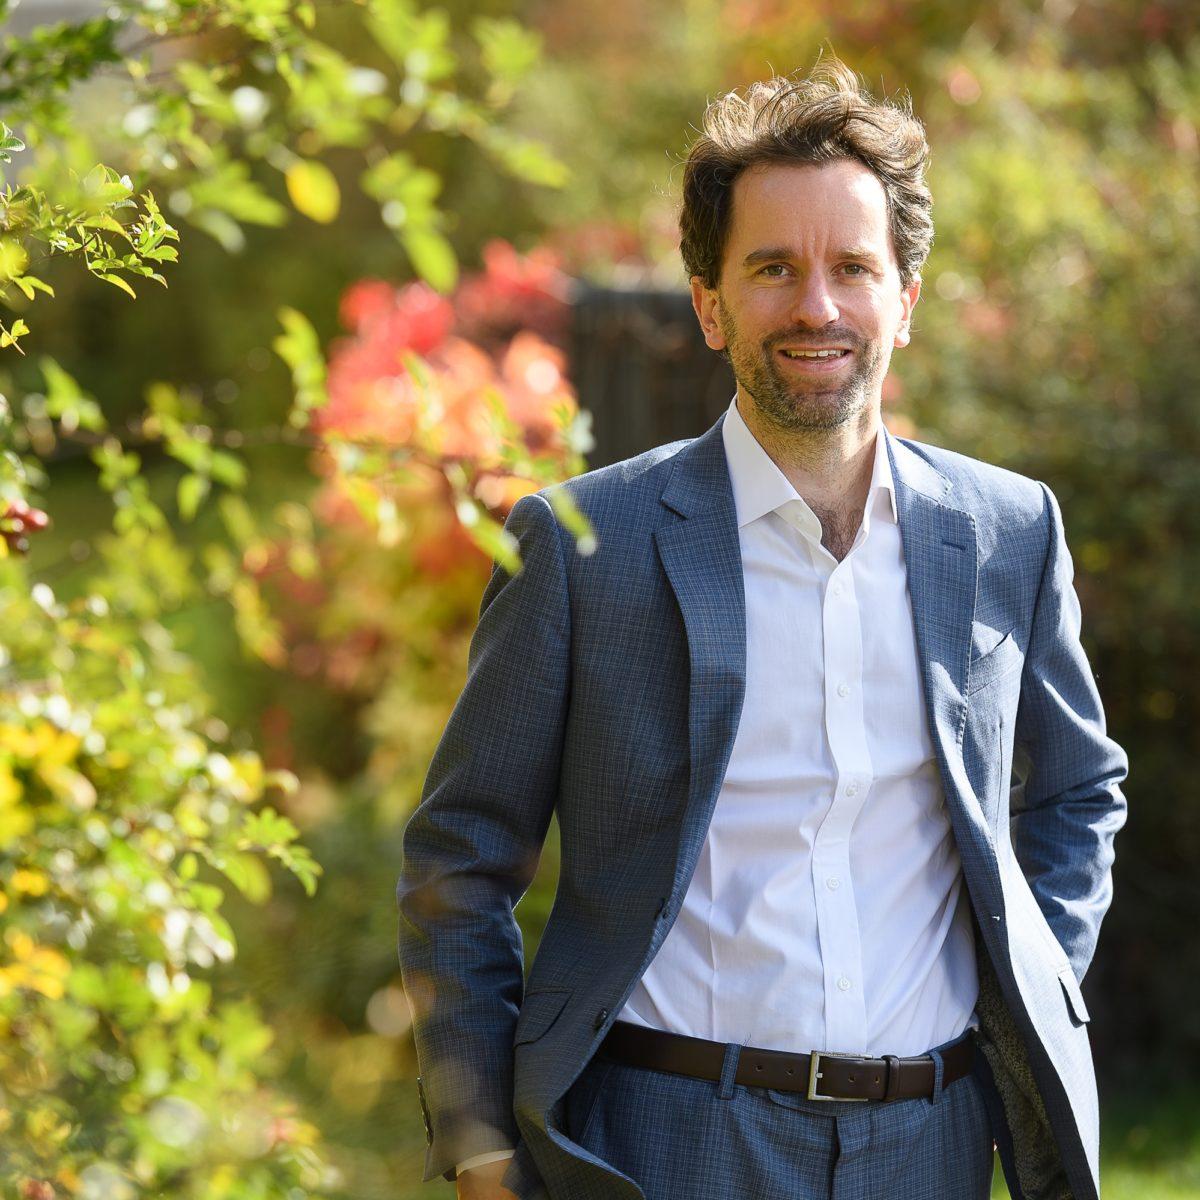 Kaufmännischer Direktor des Uniklinikum Würzburgs, Herr Philipp Rieger